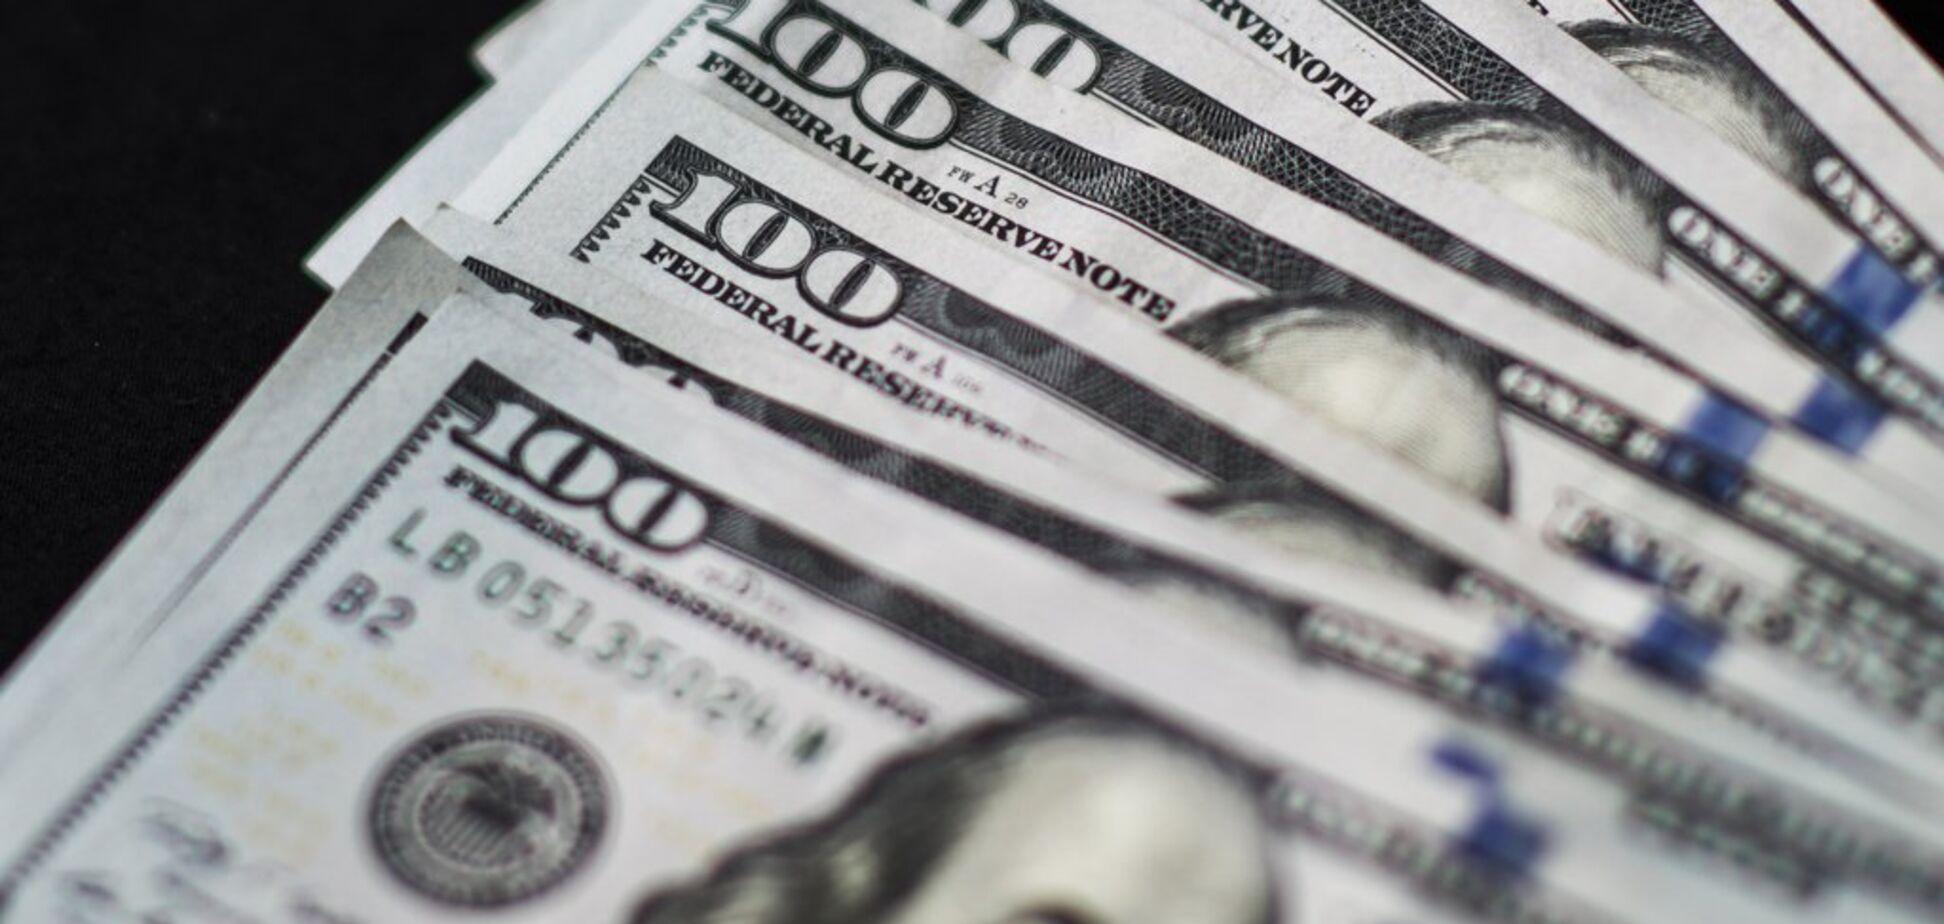 Доллар в банках подорожал: сколько стоит валюта